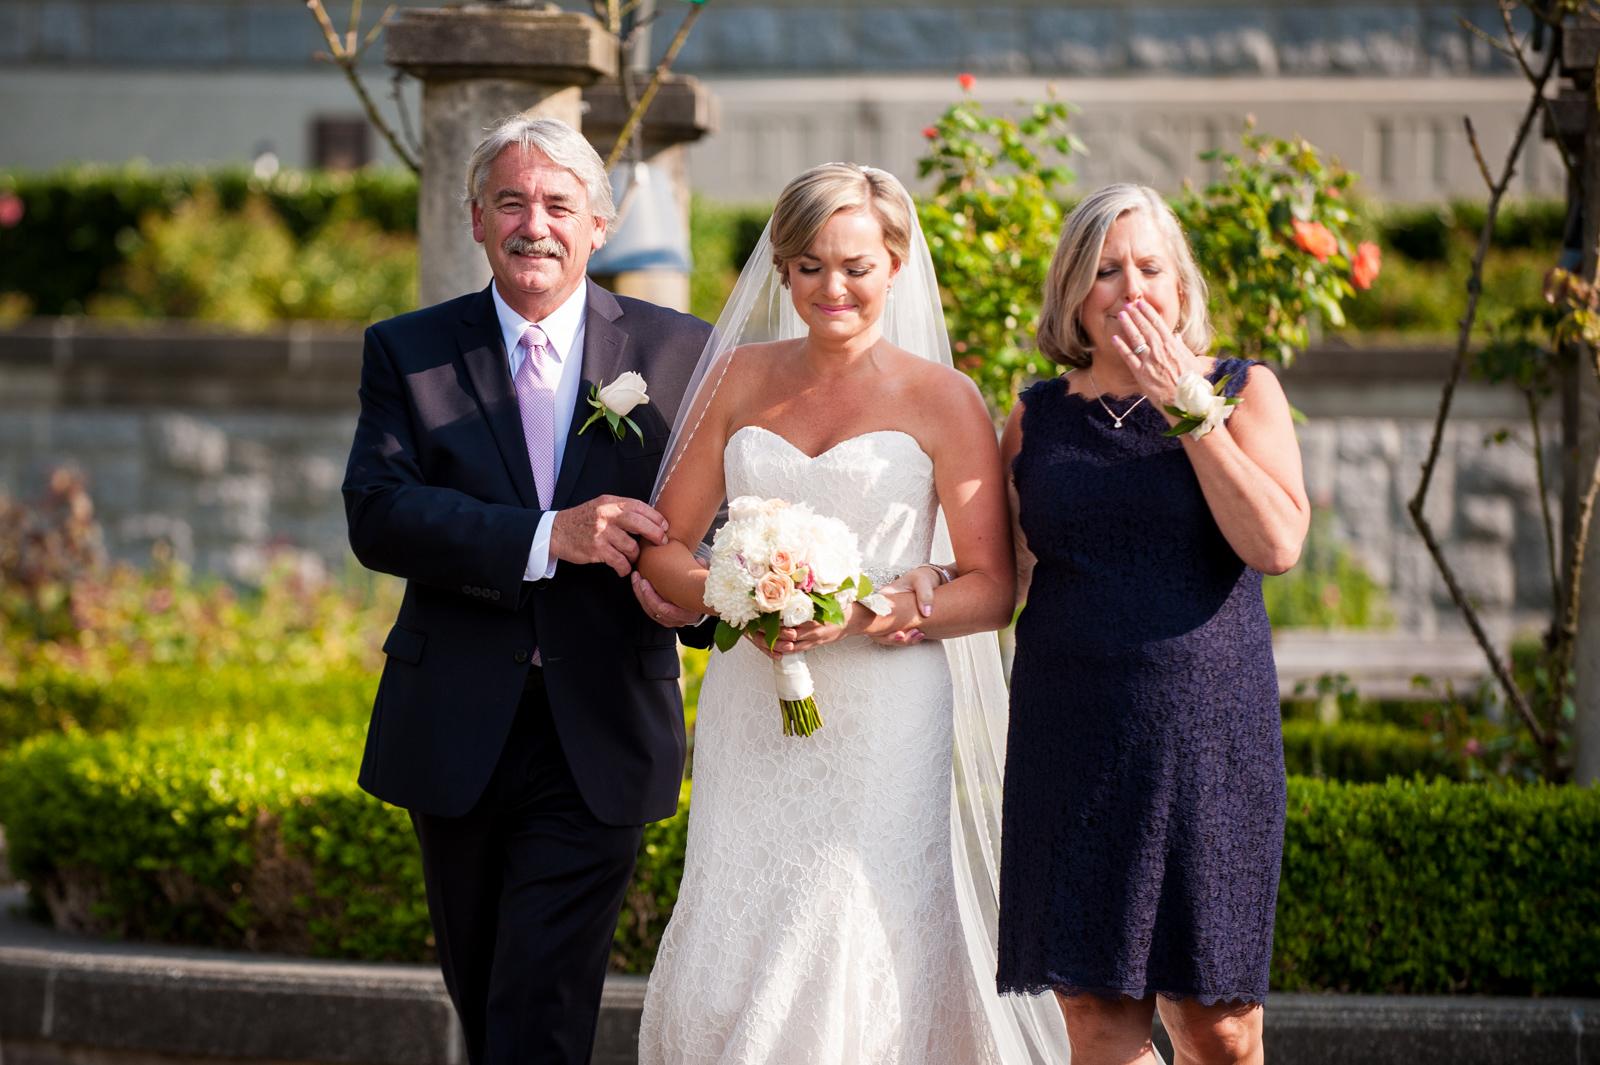 victoria-wedding-photographers-ubc-rose-garden-sage-bistro-wedding-30.jpg